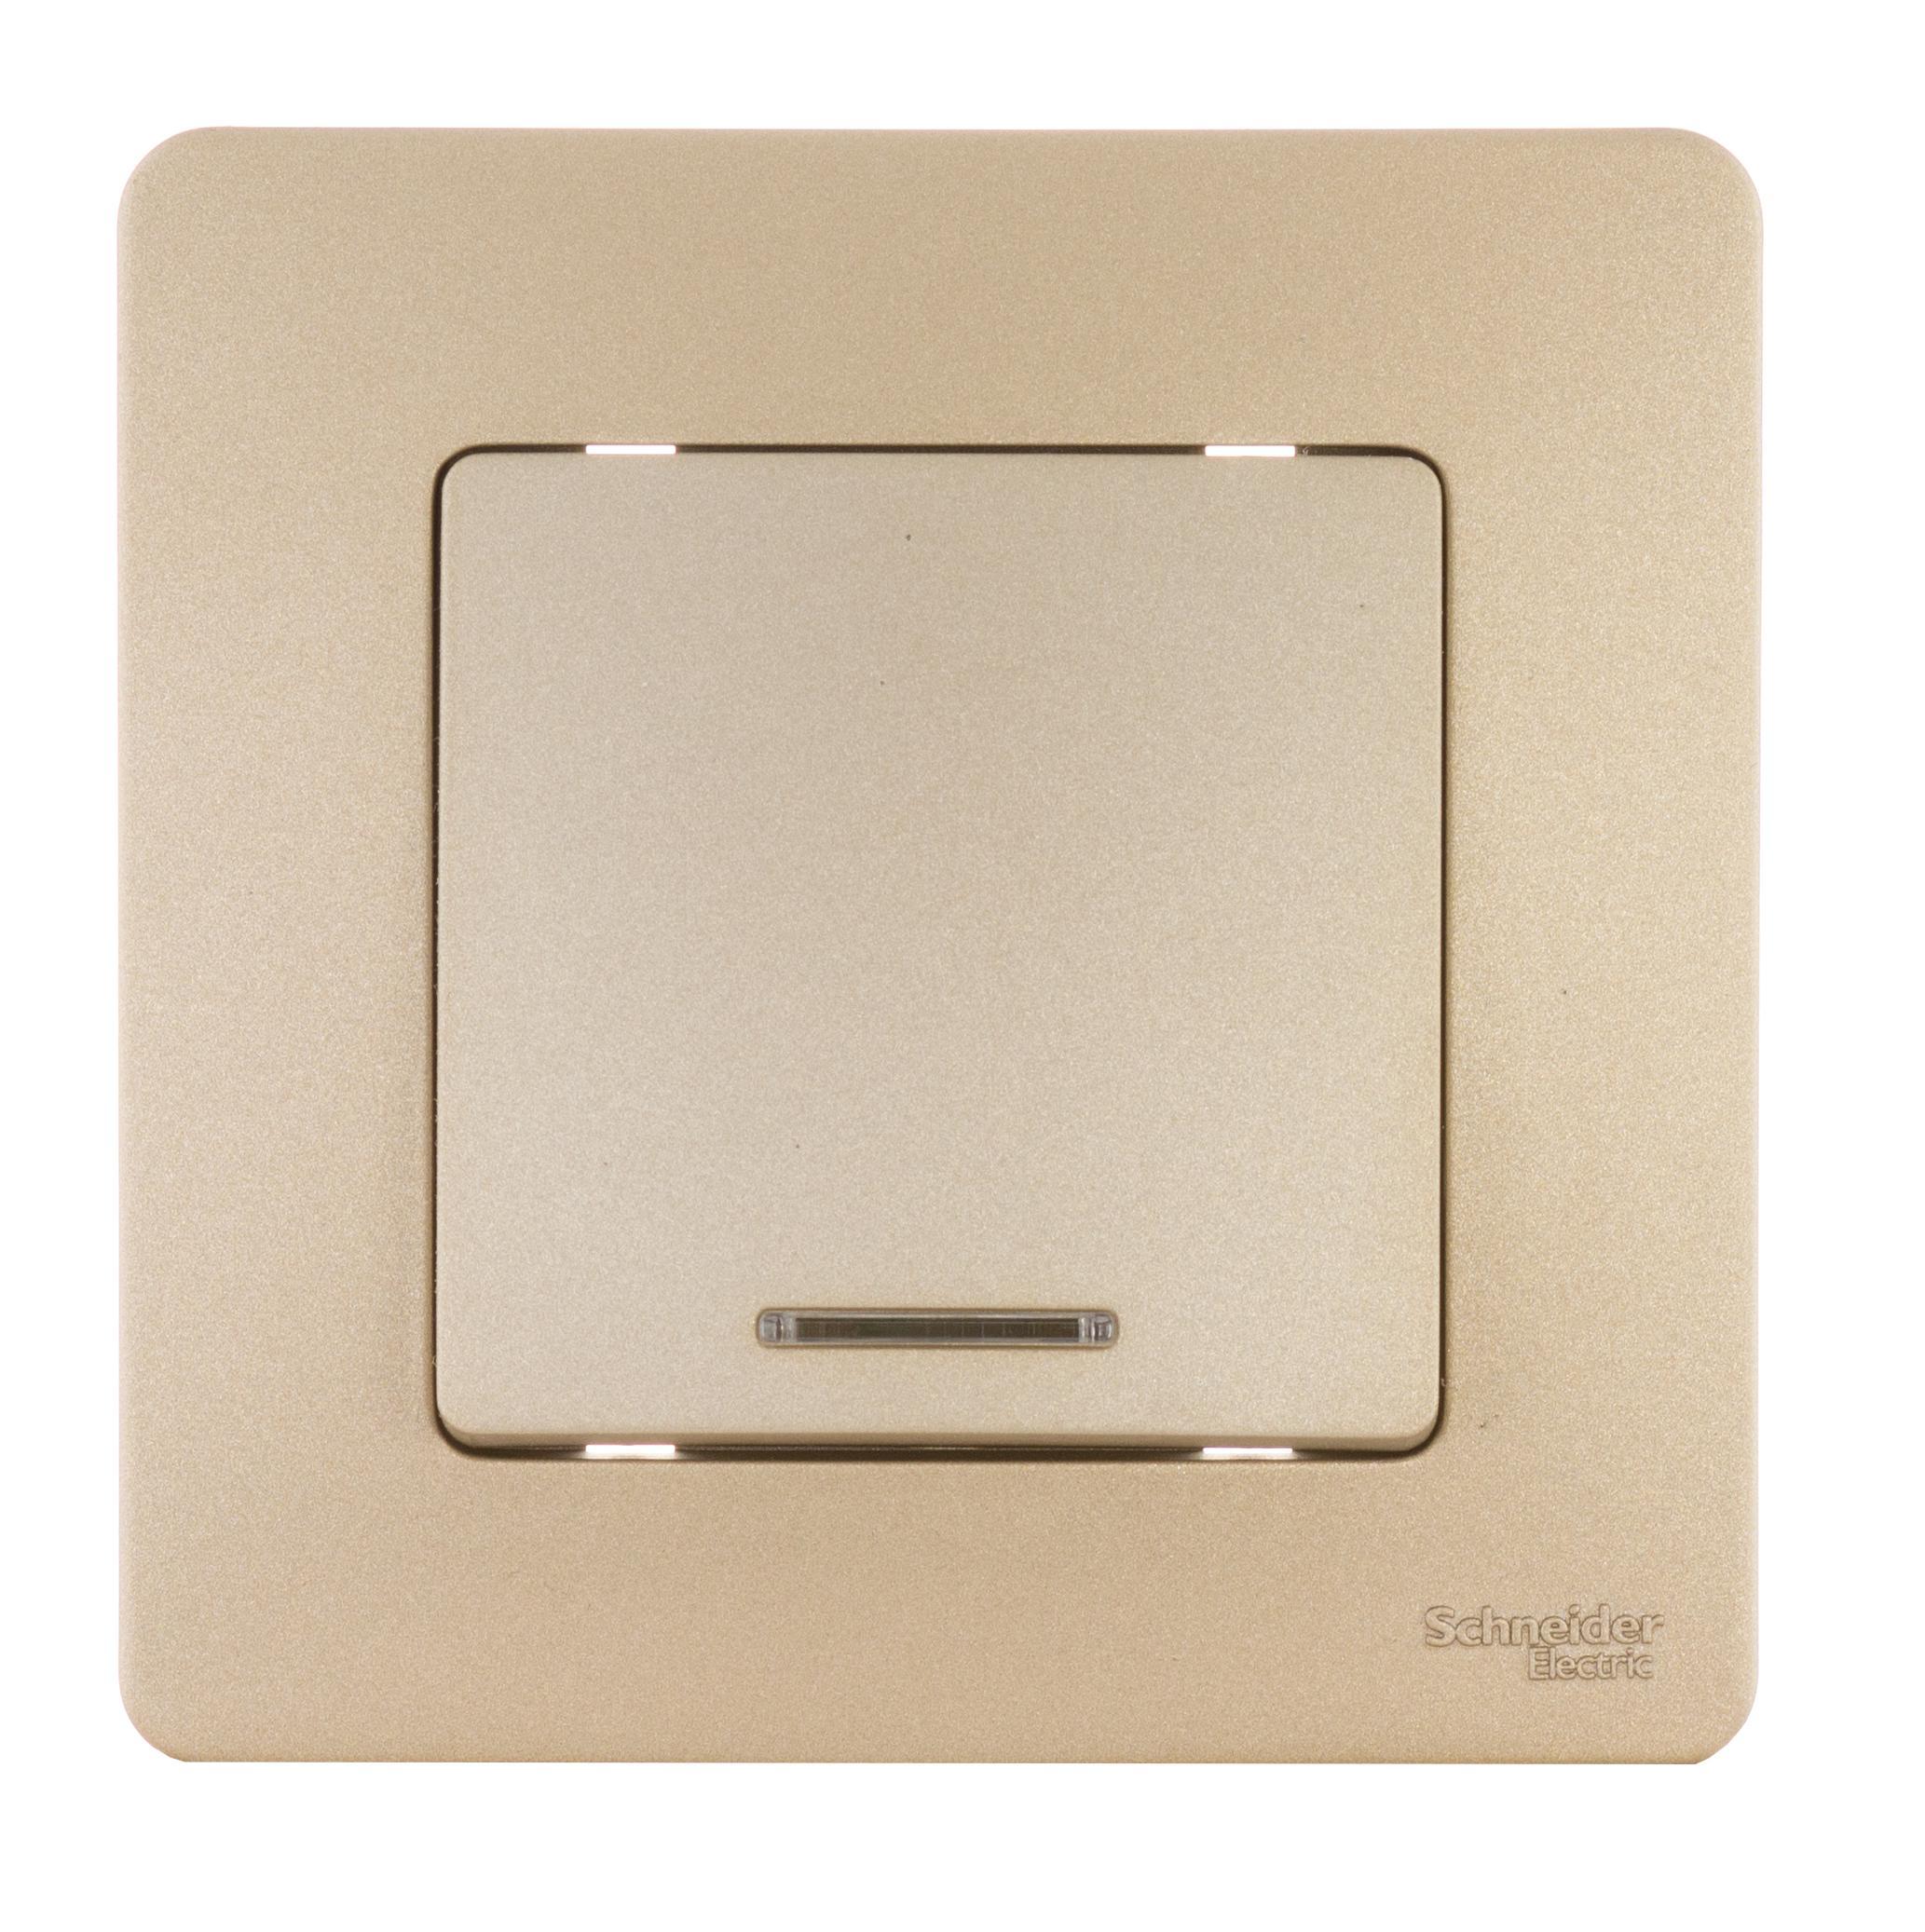 Выключатель Schneider electric Blnvs010114 blanca выключатель schneider electric blnva105014 blanca